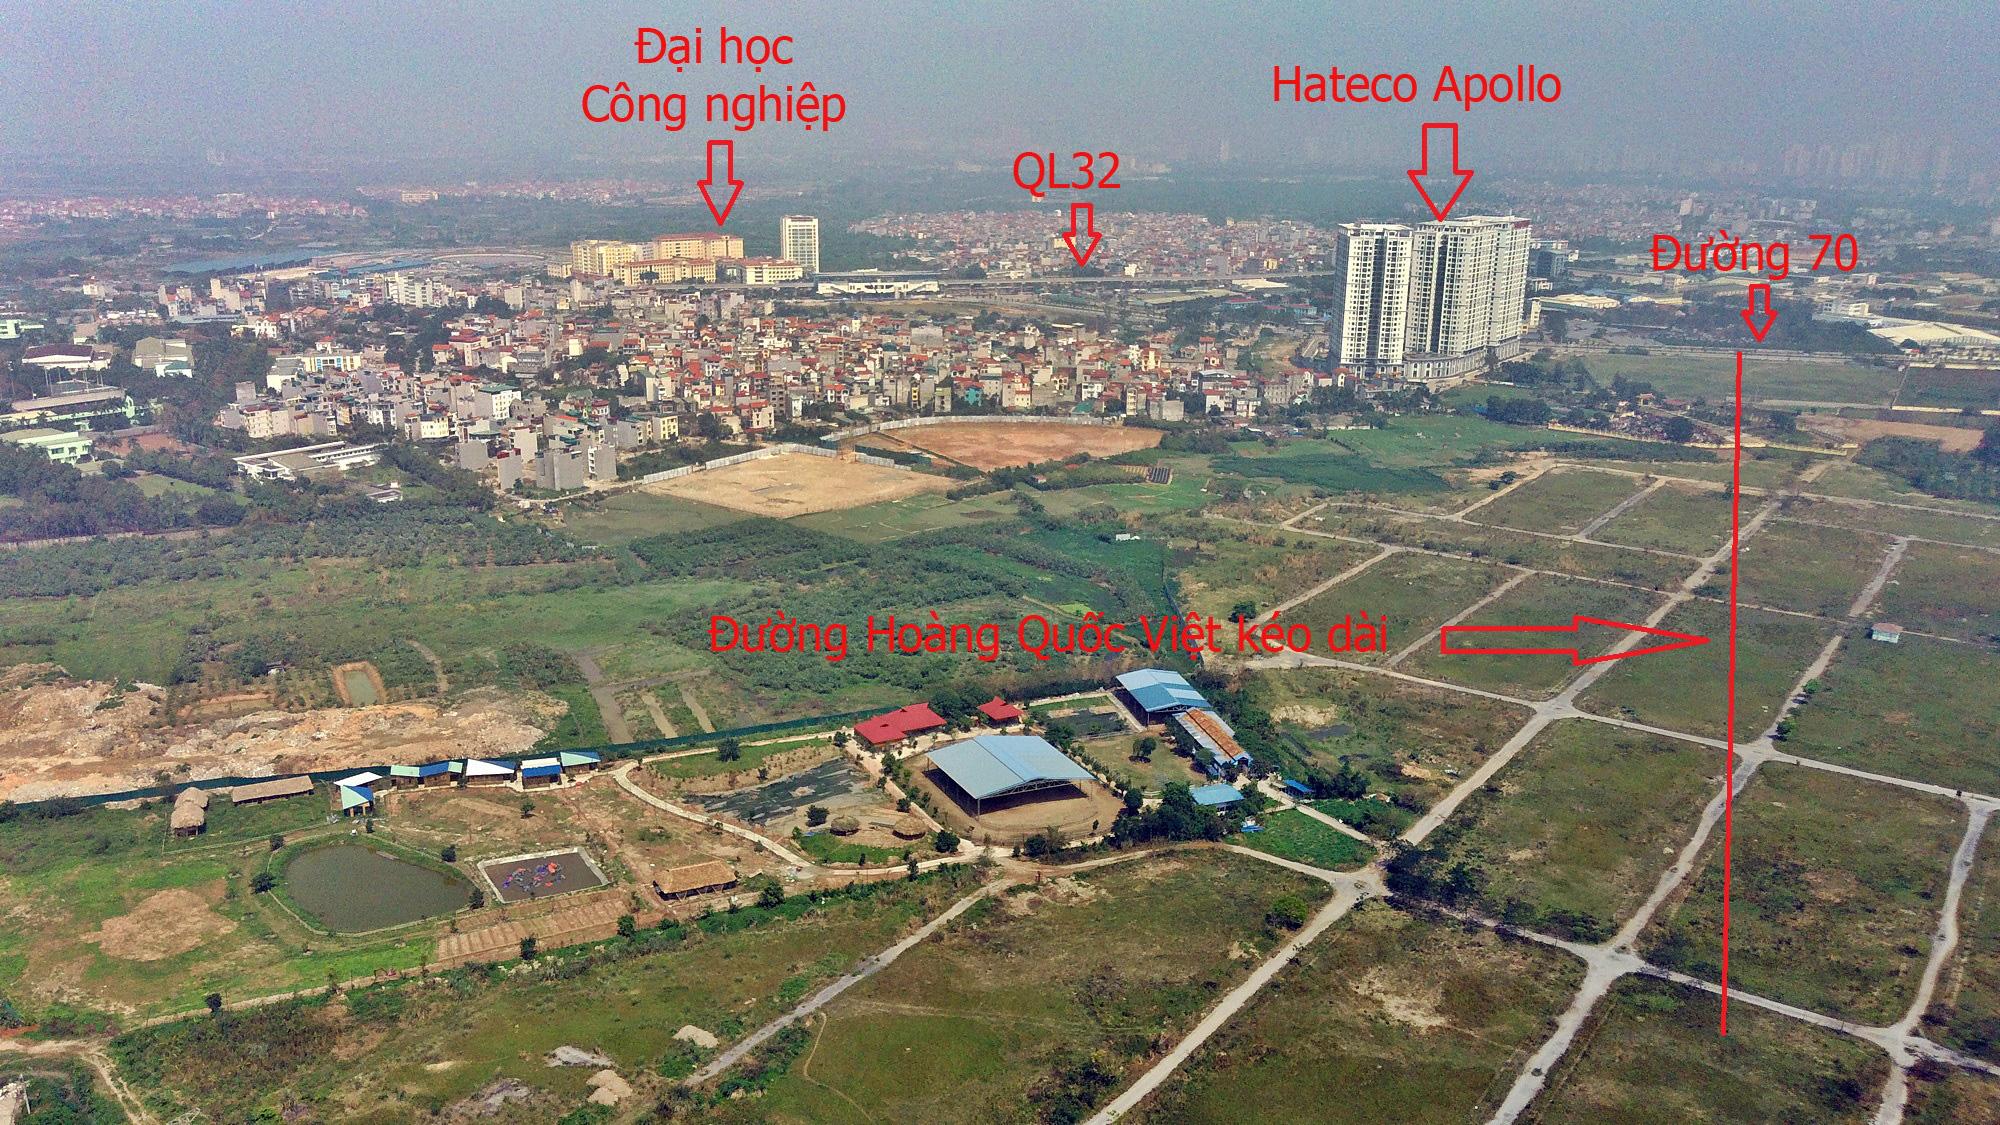 Những dự án hưởng lợi từ Vành đai 3,5 qua huyện Hoài Đức, Hà Nội - Ảnh 15.